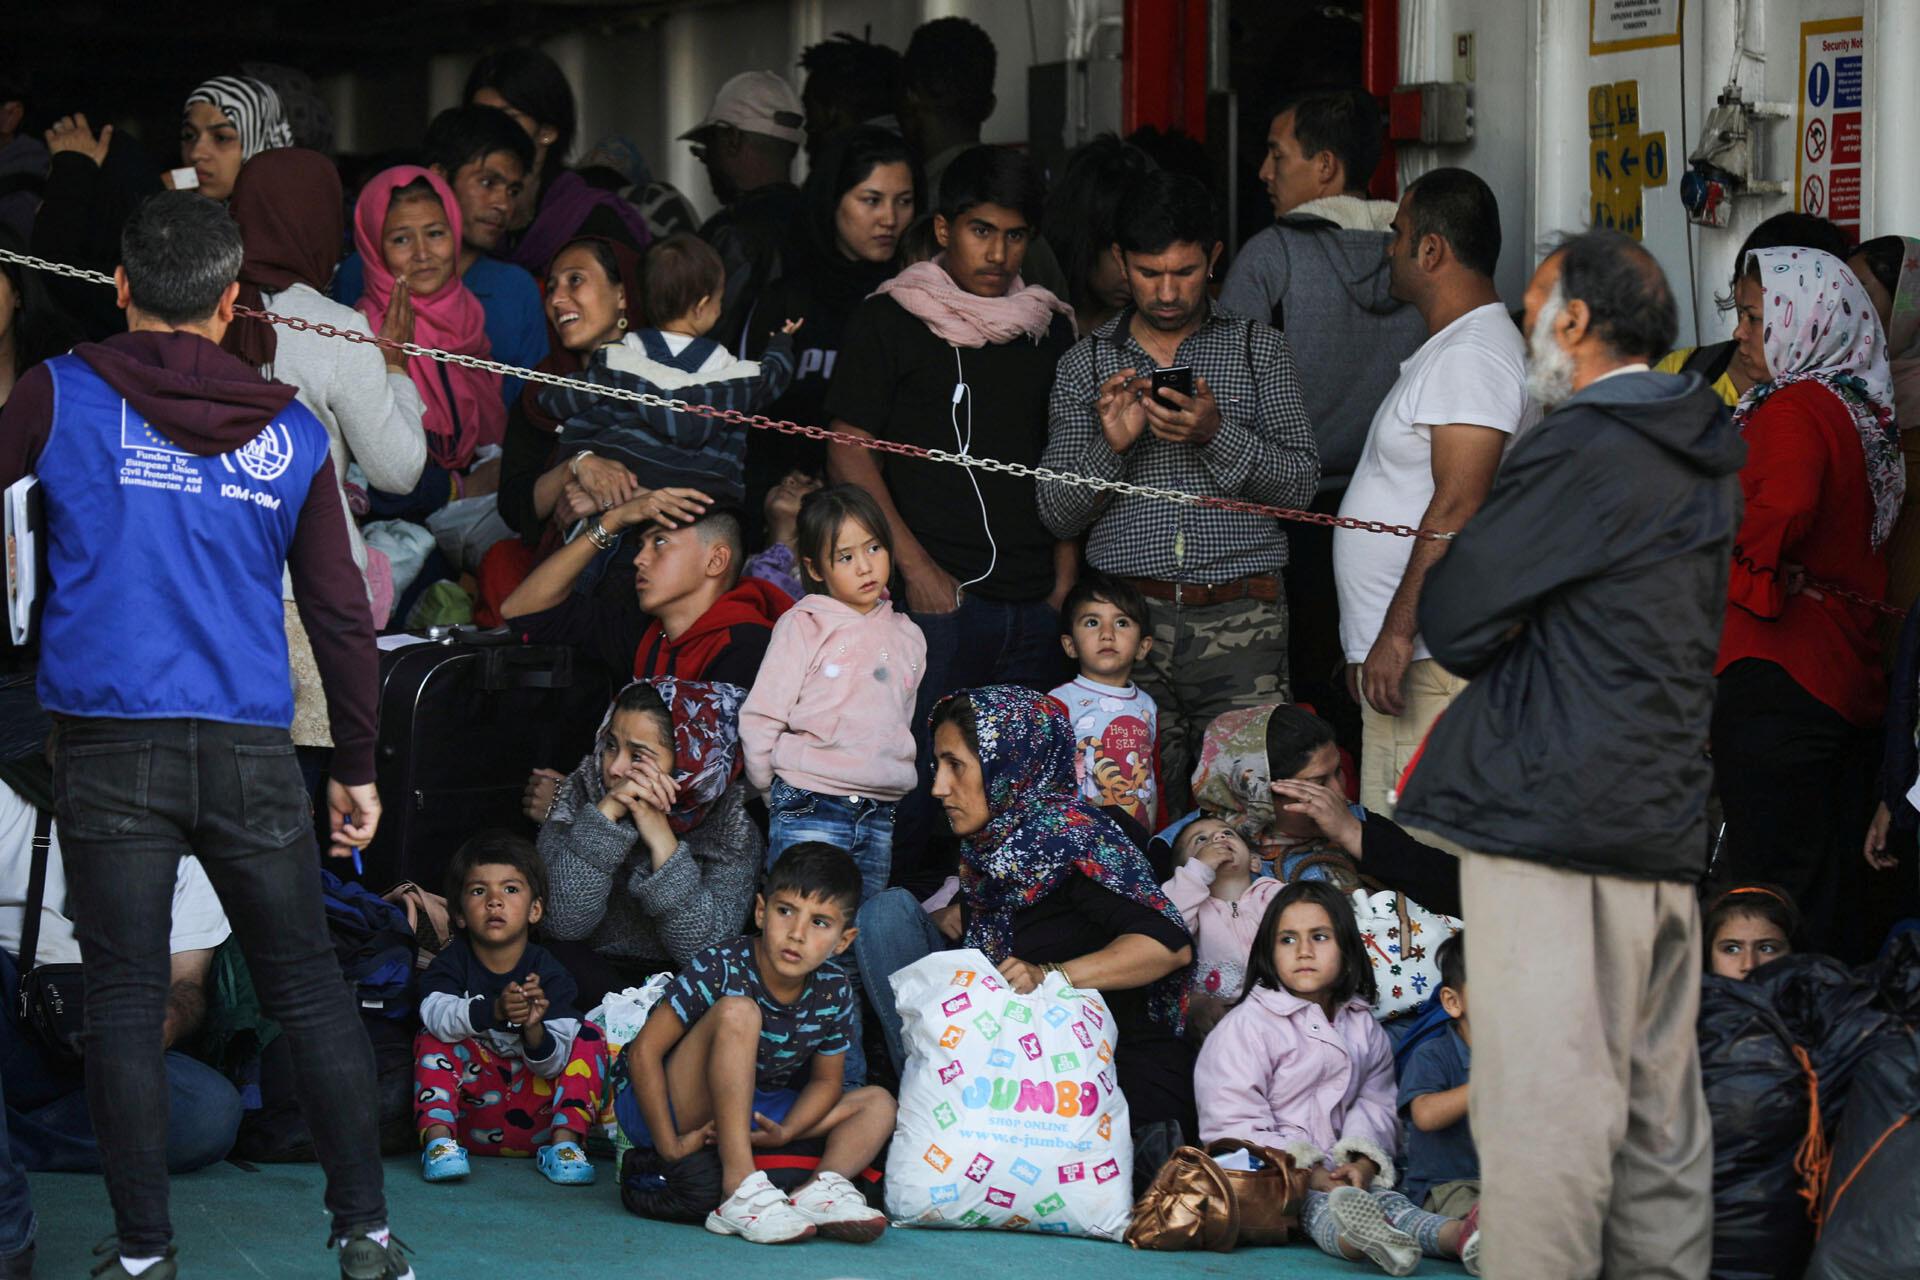 Des réfugiés et des migrants arrivent sur l'île de Samos, au port de Elefsina près d'Athènes en Grèce, le 22 octobre 2019.